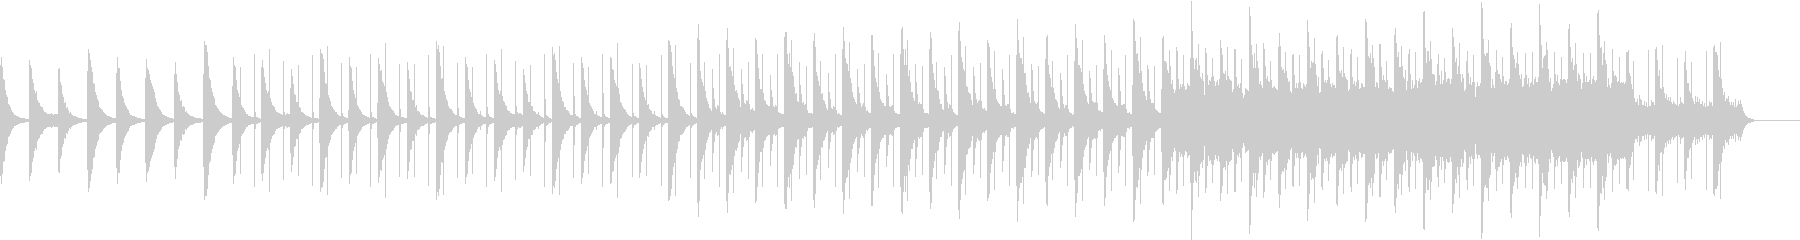 静かなピアノ インストの未再生の波形